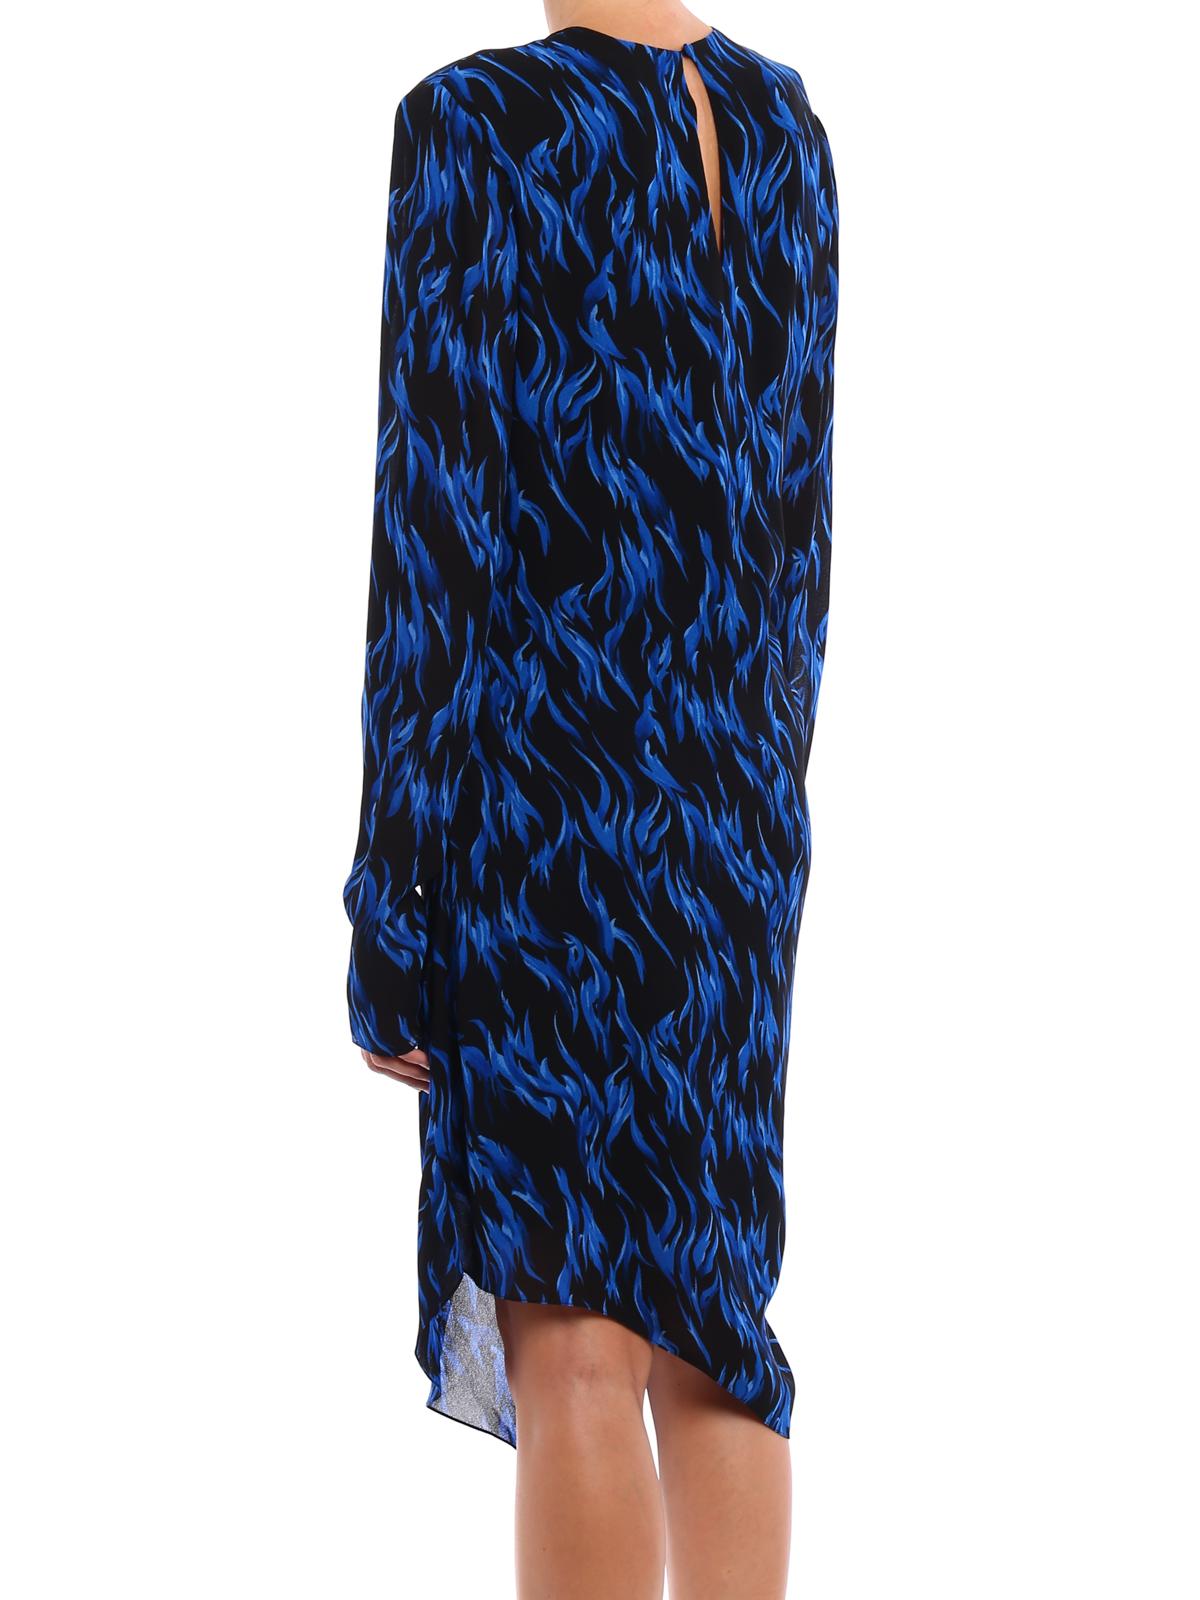 053180456d0 iKRIX SAINT LAURENT: knee length dresses - Patterned crepe asymmetric dress